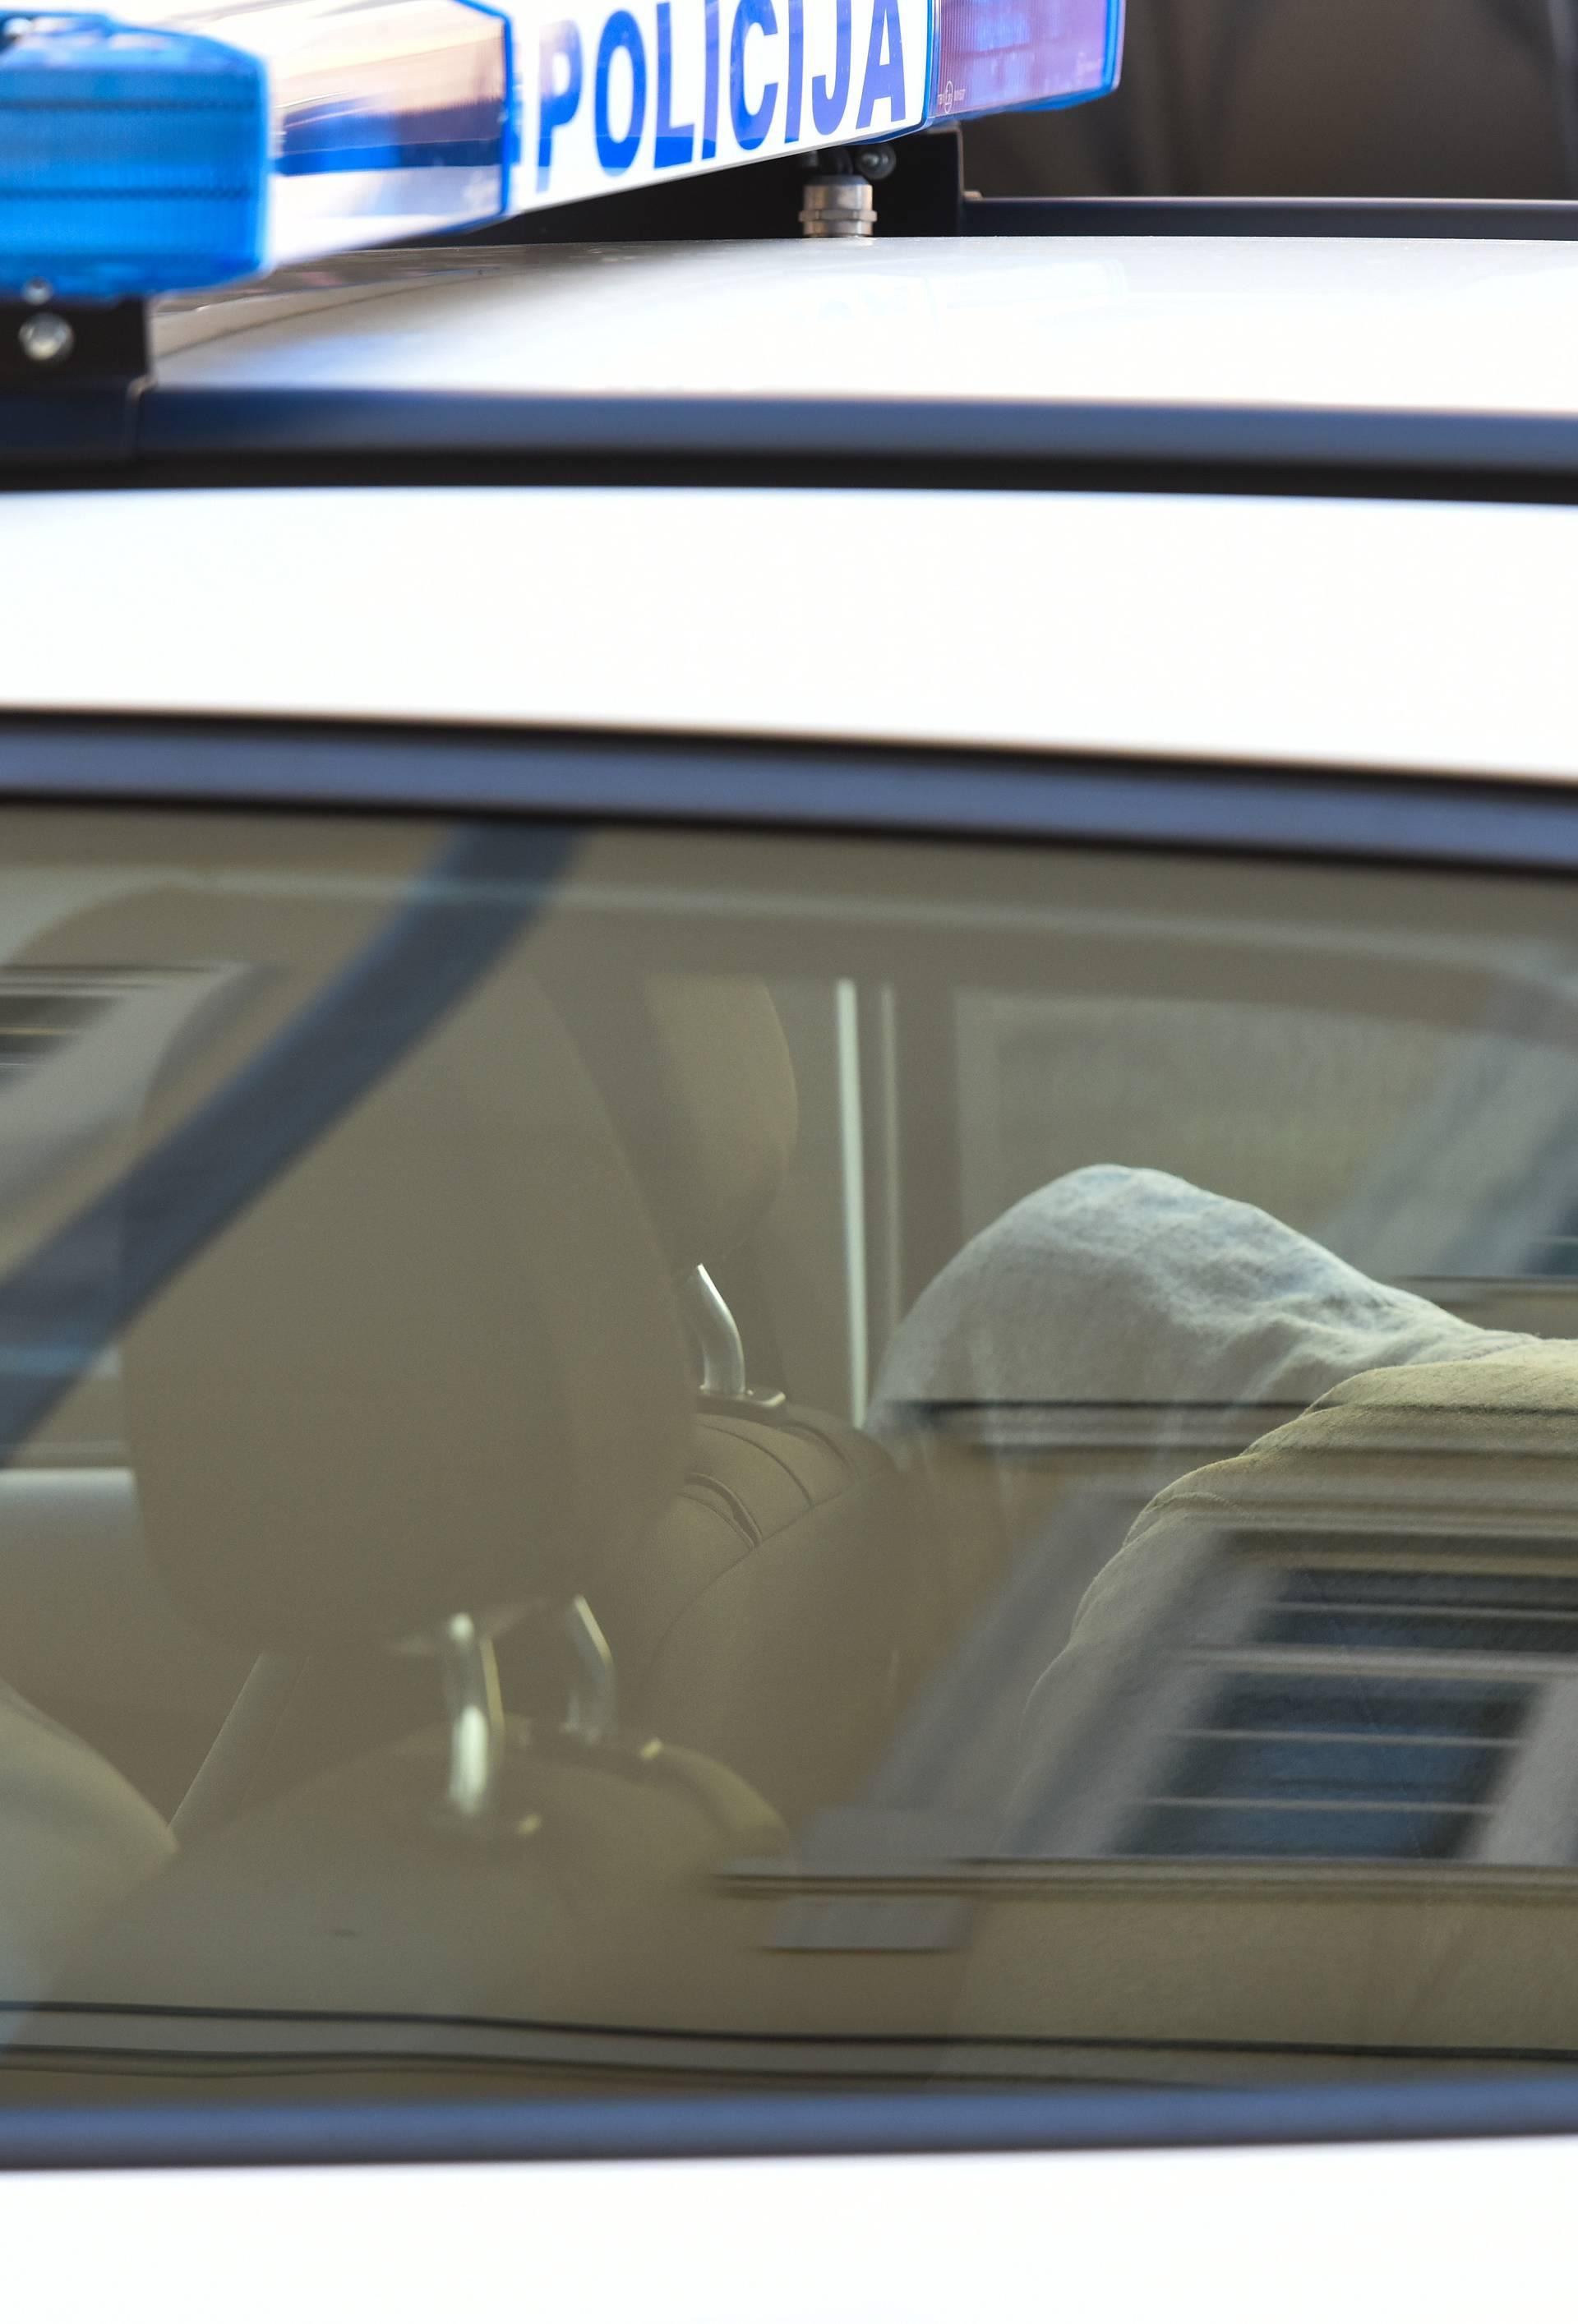 Kamenički u pritvoru: 'Vozio brzinom većom od 100 km/h'